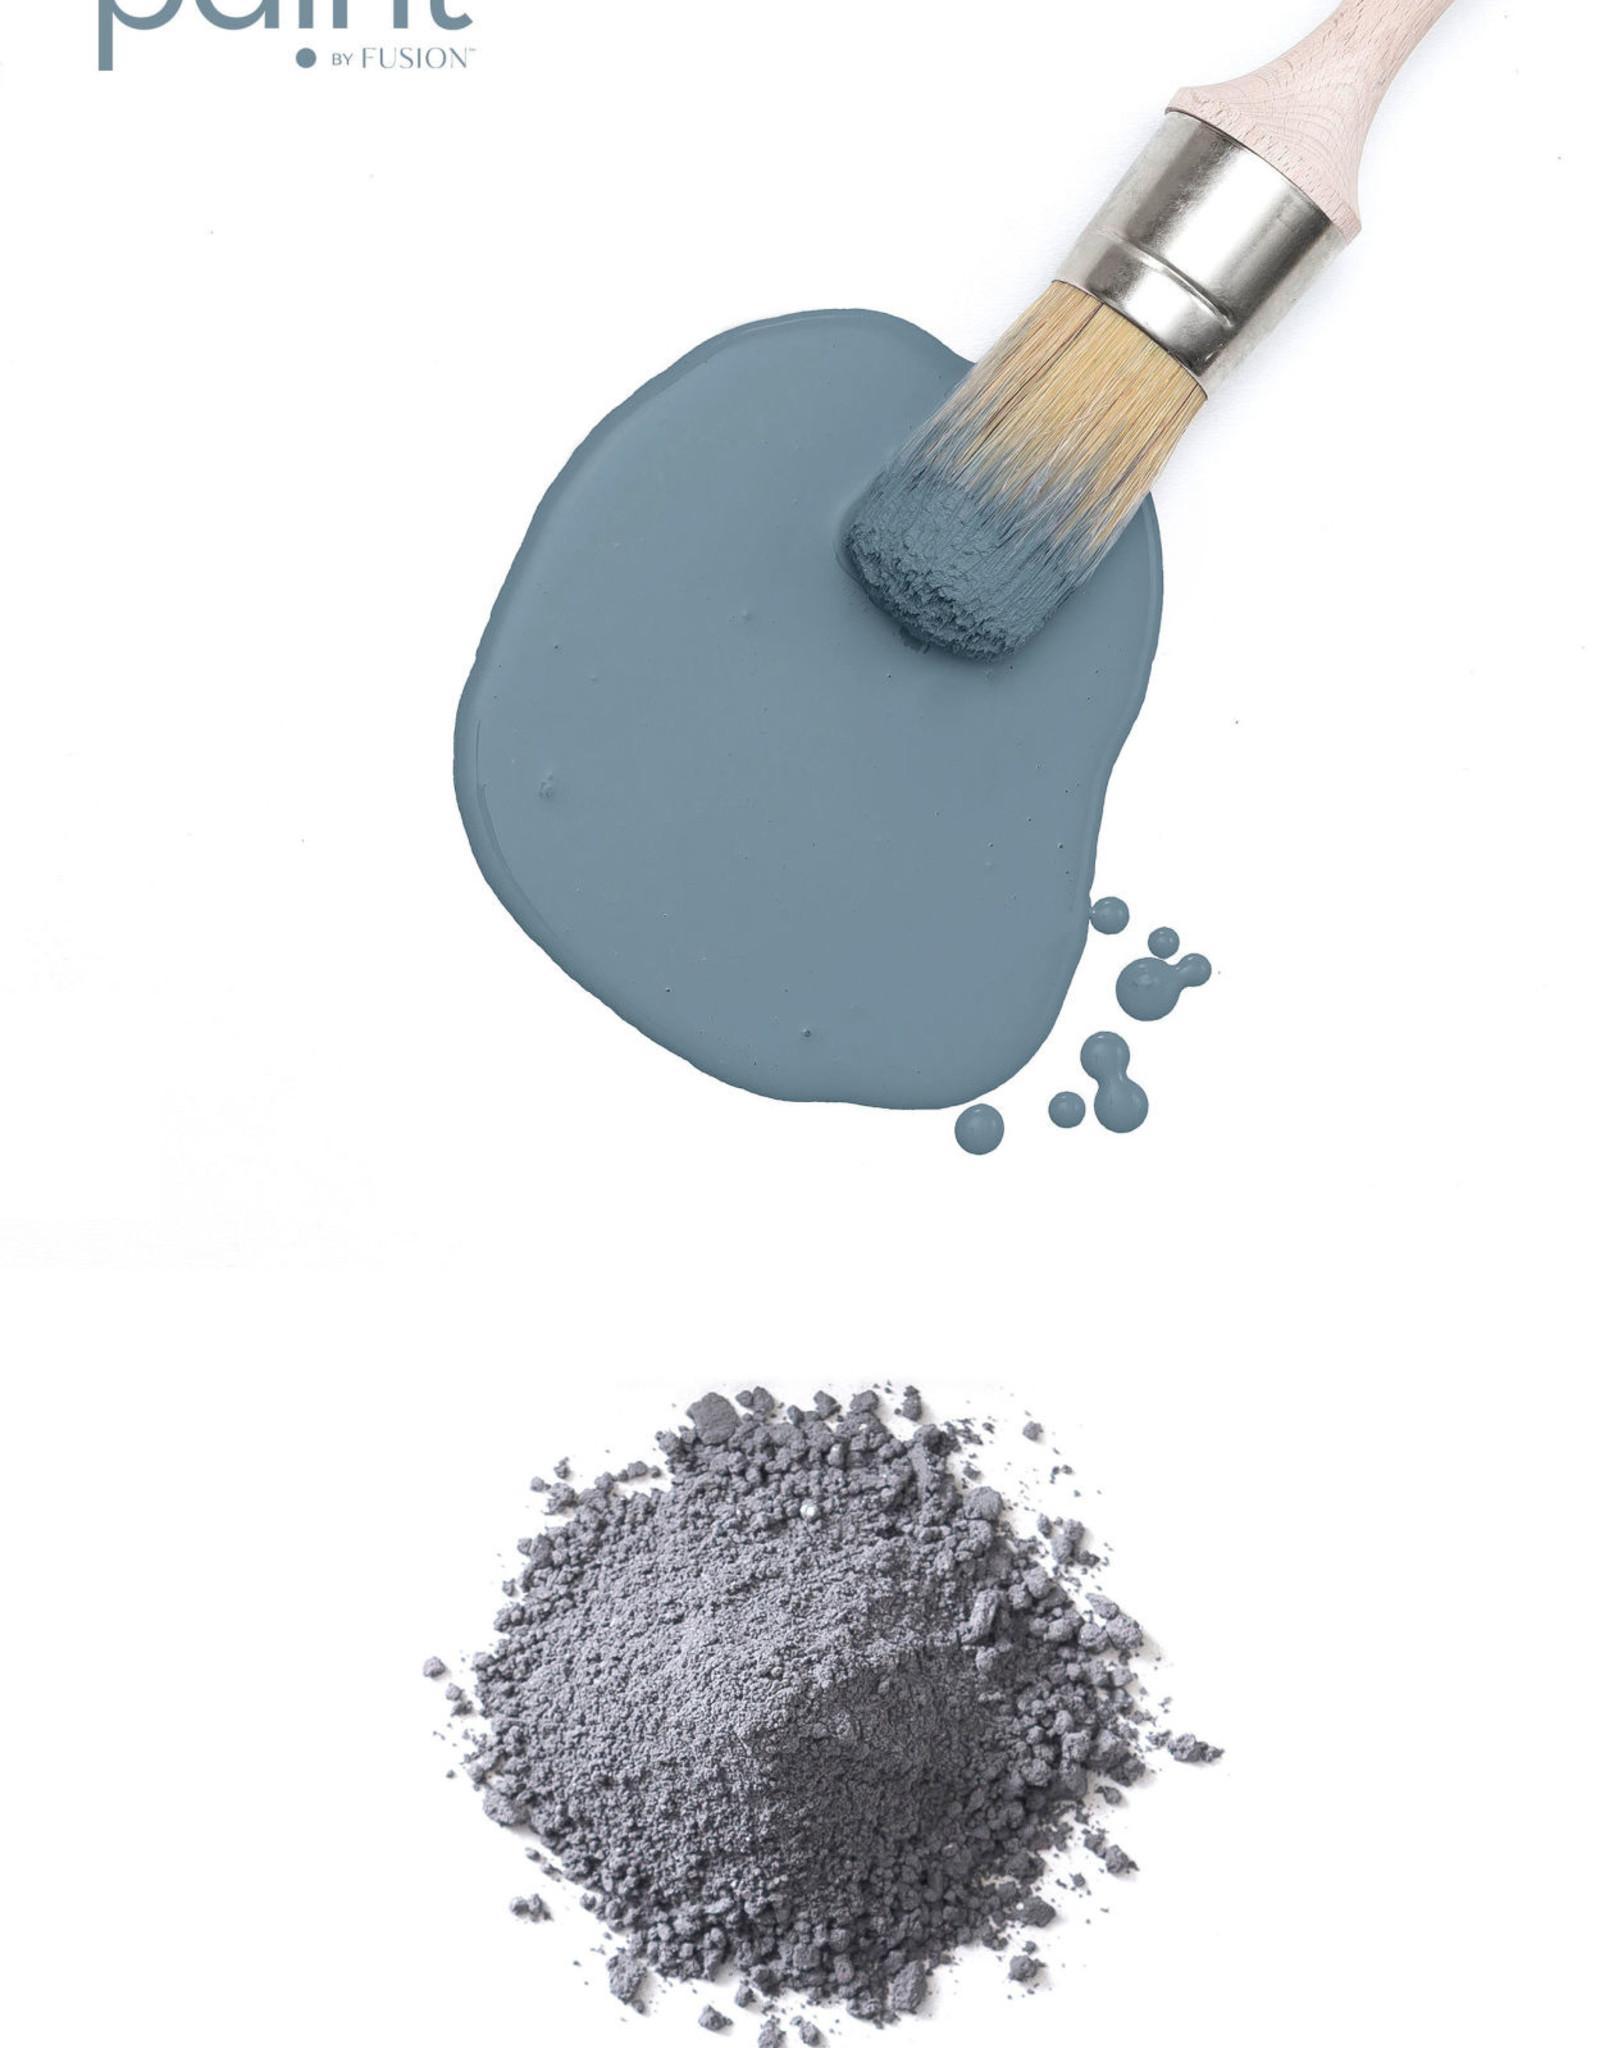 Fusion Mineral Paint Milk Paint 330g Coastal Blue